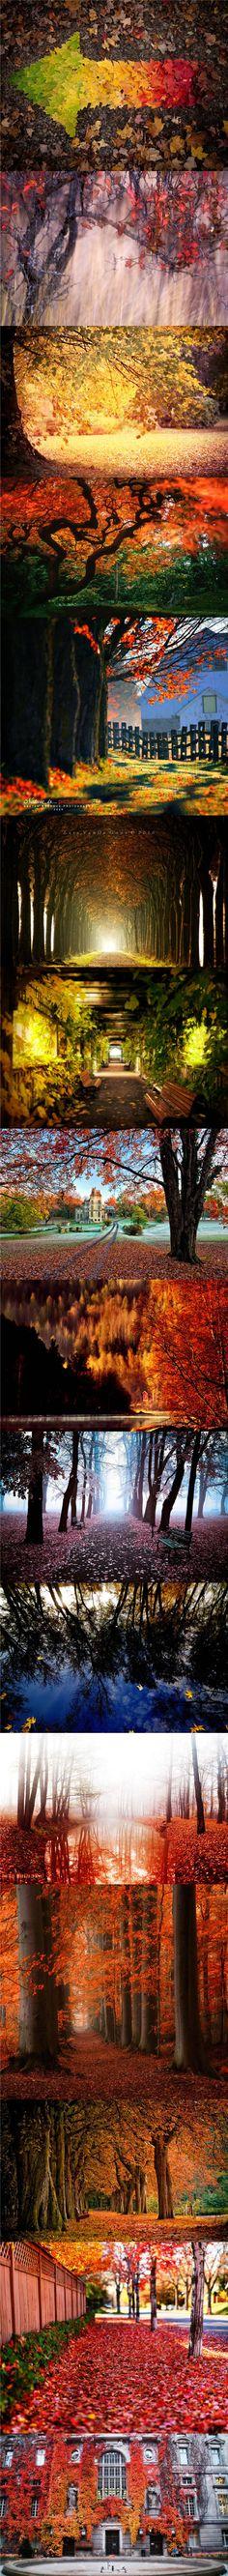 The autumn Season.